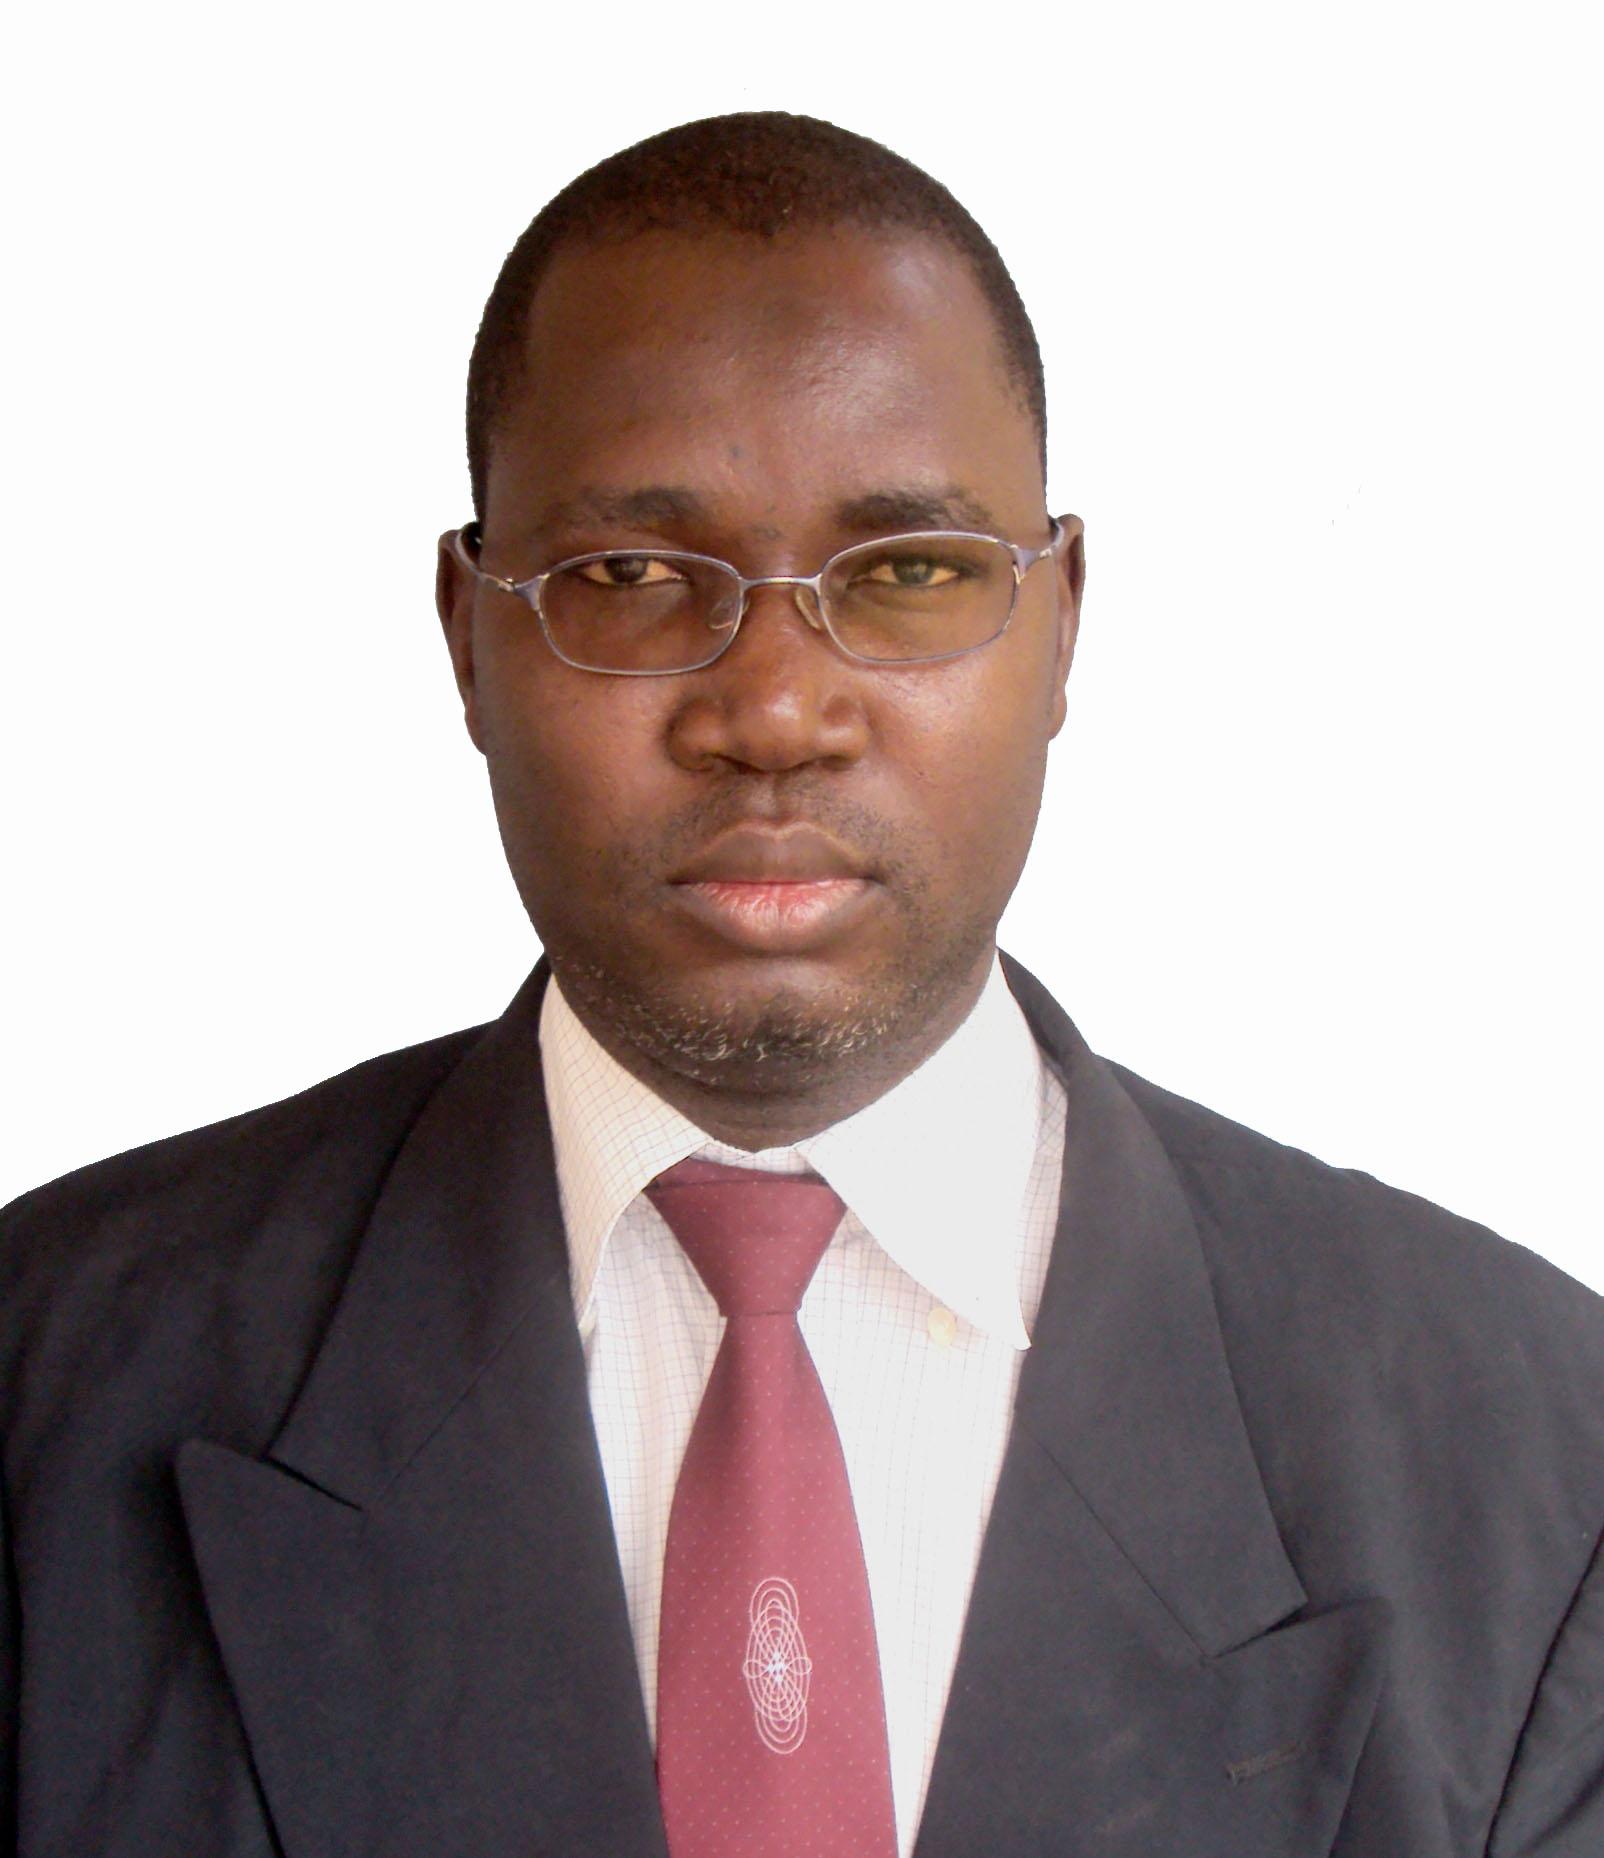 cv web de mahamoudou sawadogo - gestionnaire administratif  financier et comptable